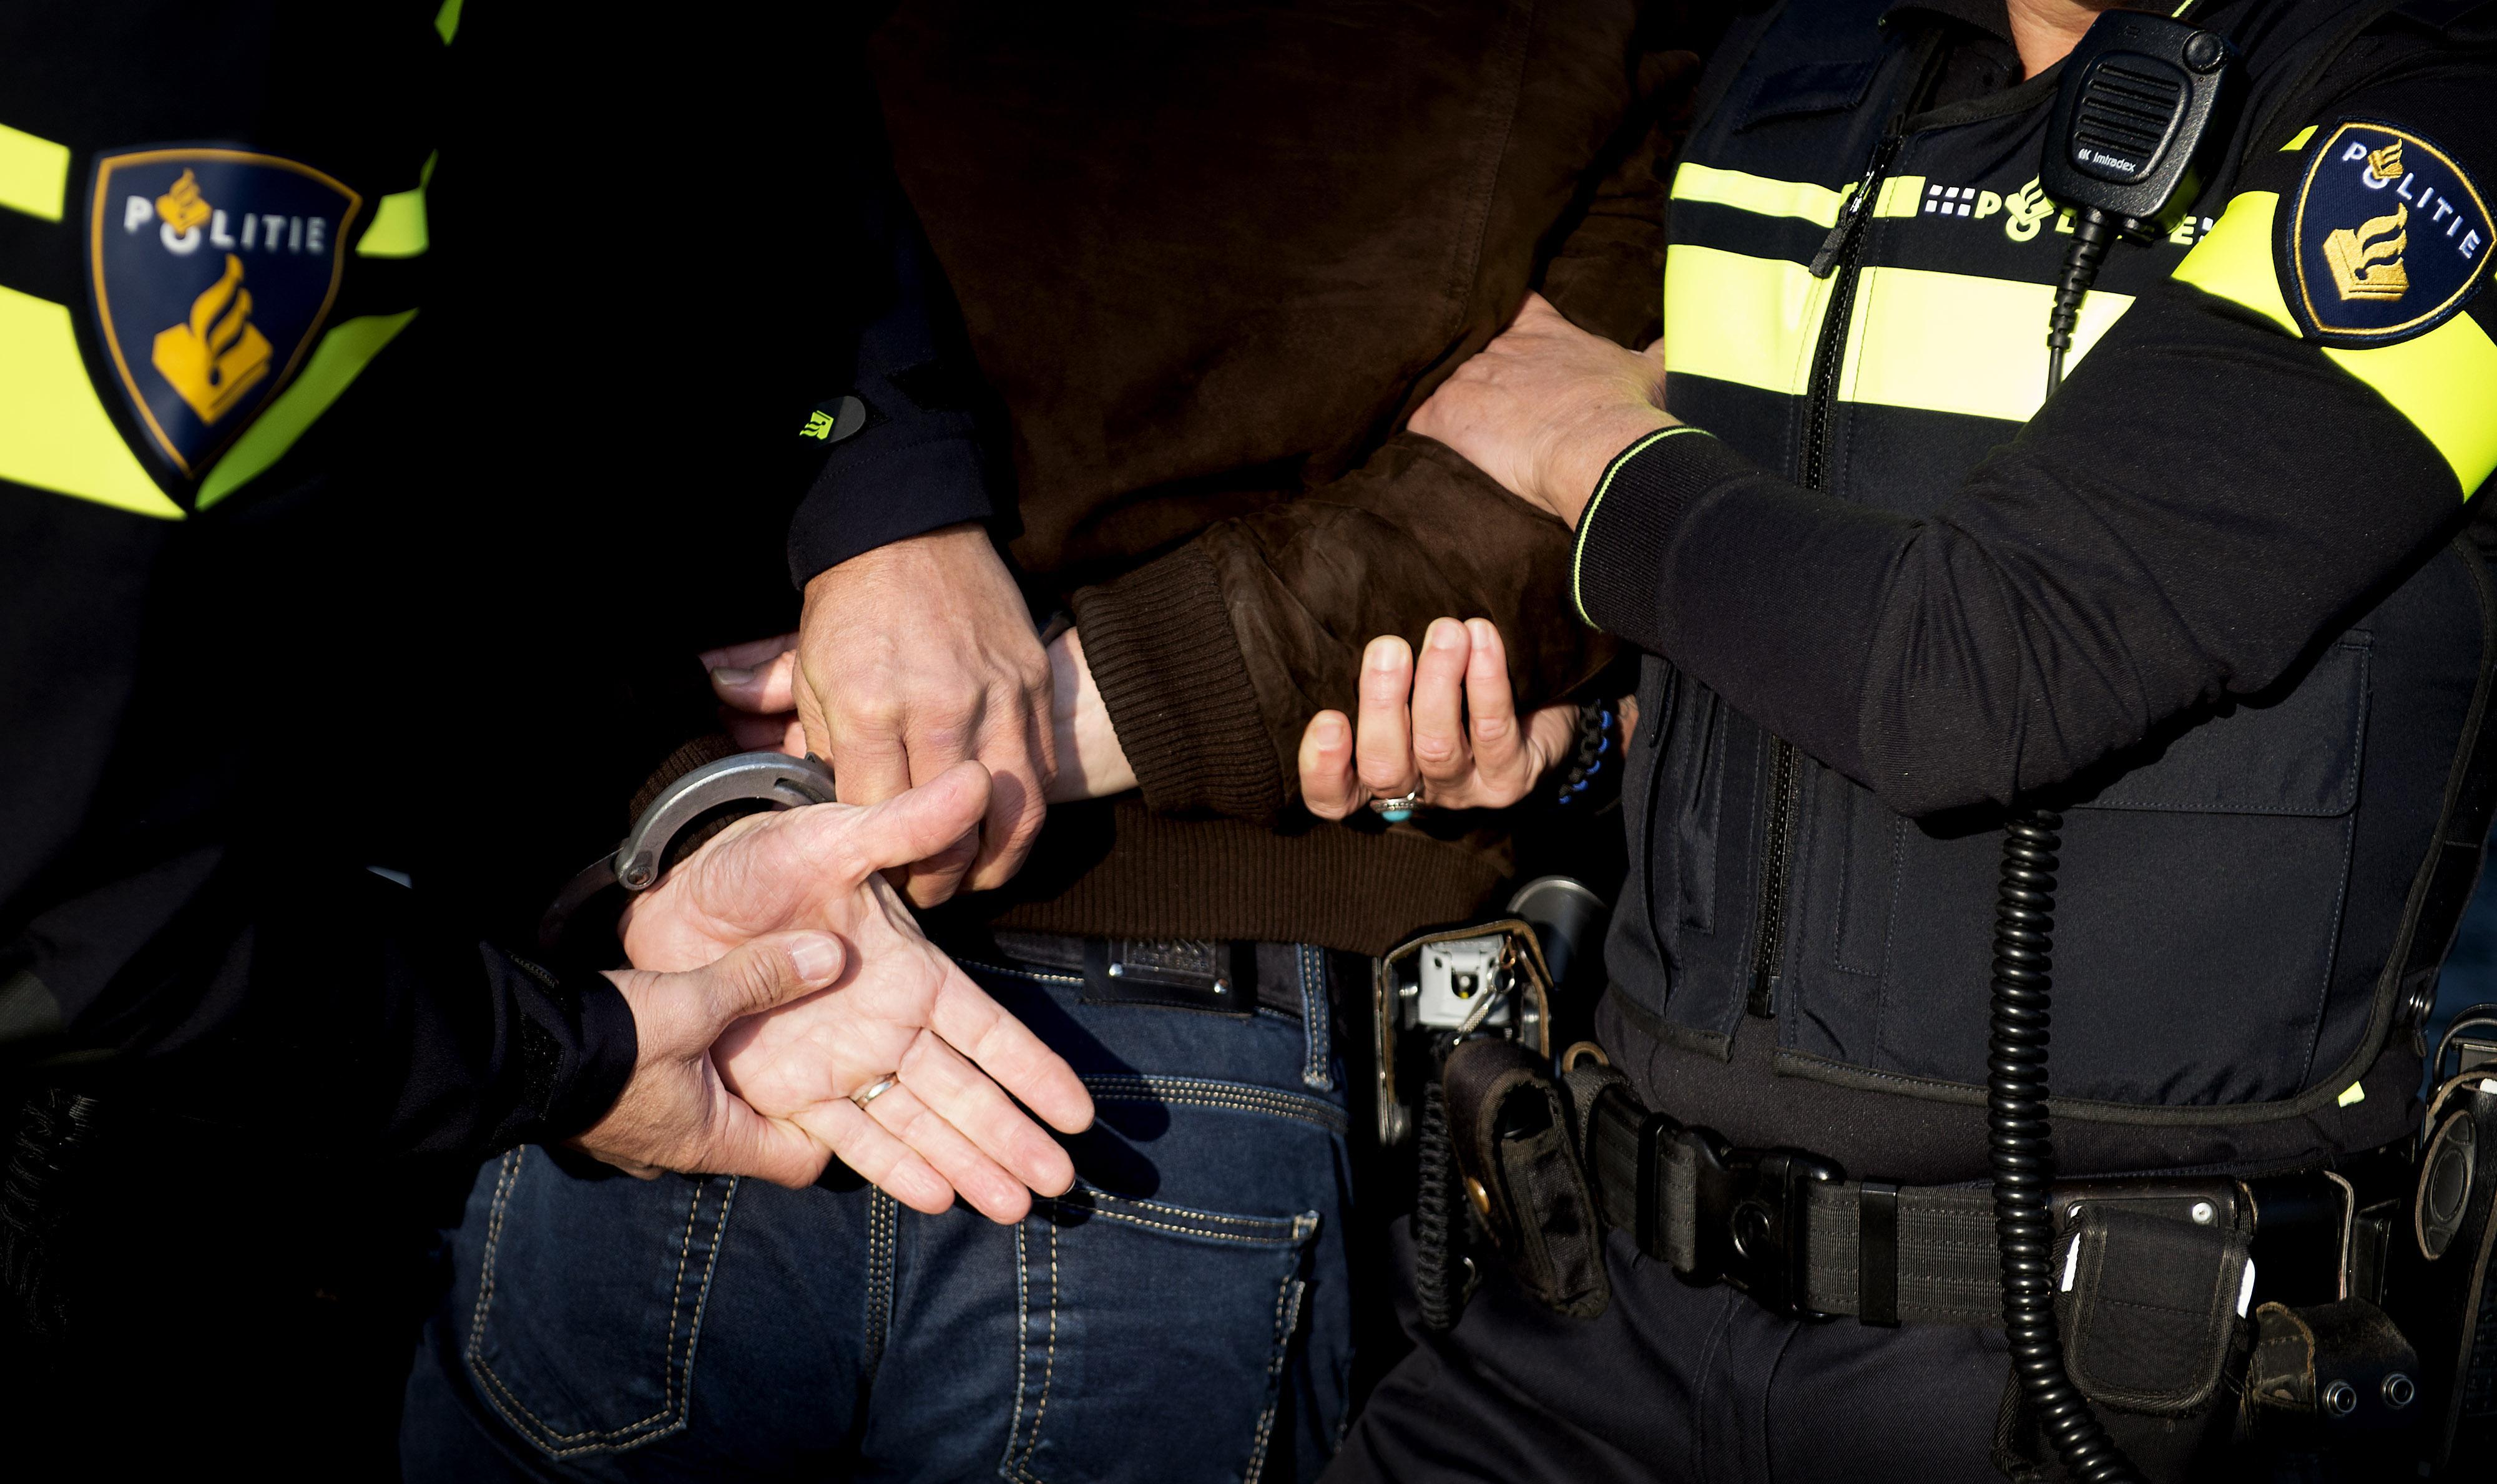 Centrum en stationsgebied van Alkmaar uitgeroepen tot veiligheidsrisicogebied. Politie fouilleert maandag en dinsdag preventief. NS-coördinator: 'De regen is een zegen'